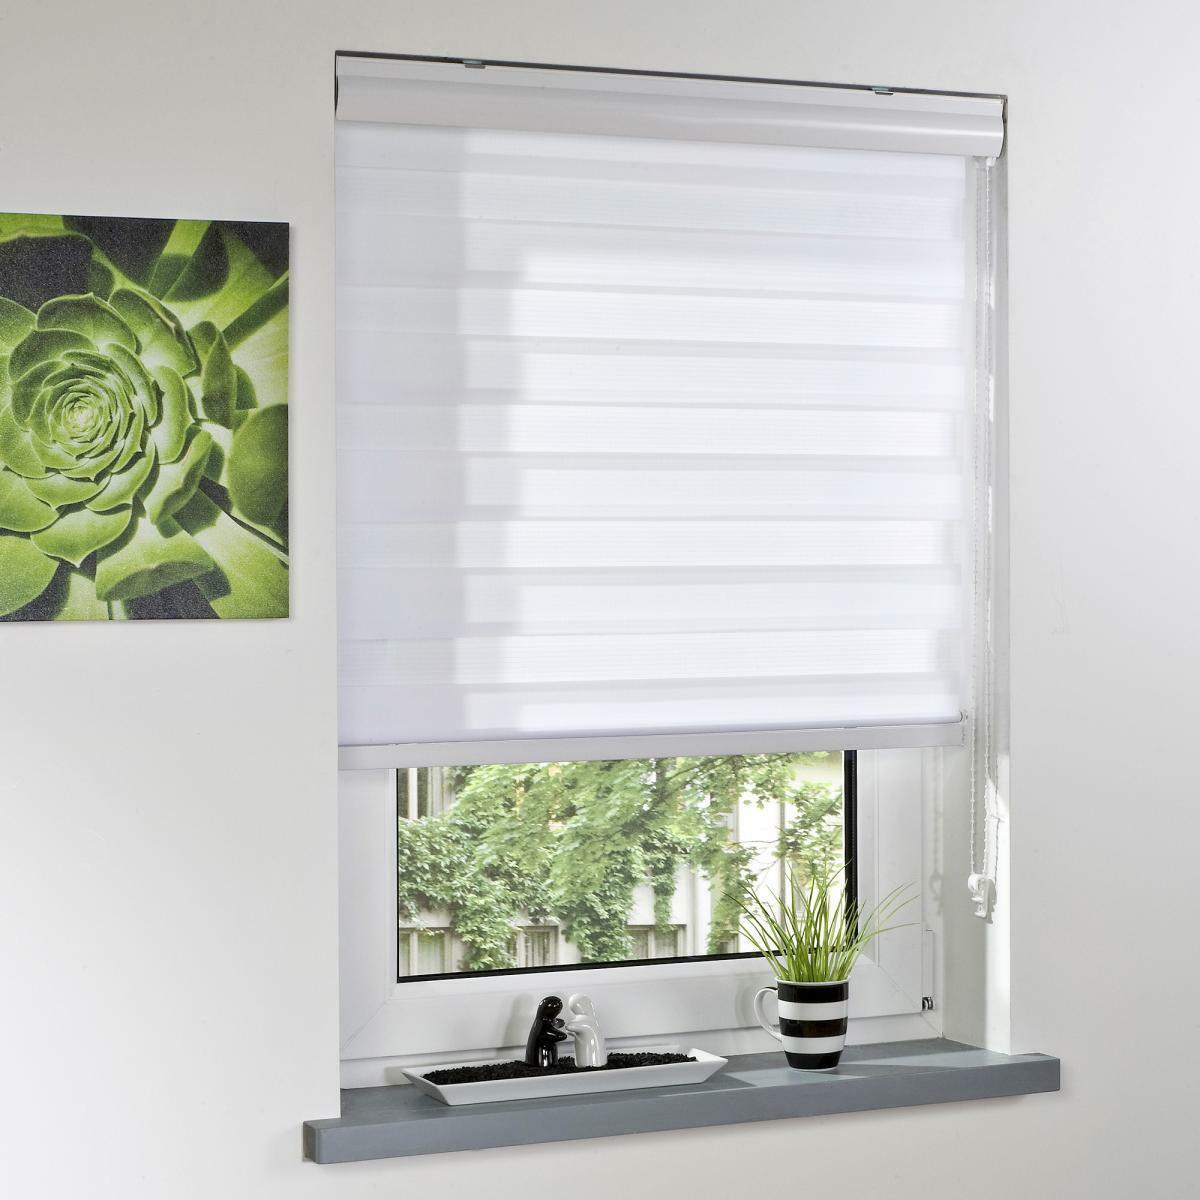 Bild 2 von Bella Casa Duo-Rollo mit Blende, Rollo, lichtdurchlässig, Sonnenschutz, 140 x 160 cm weiß